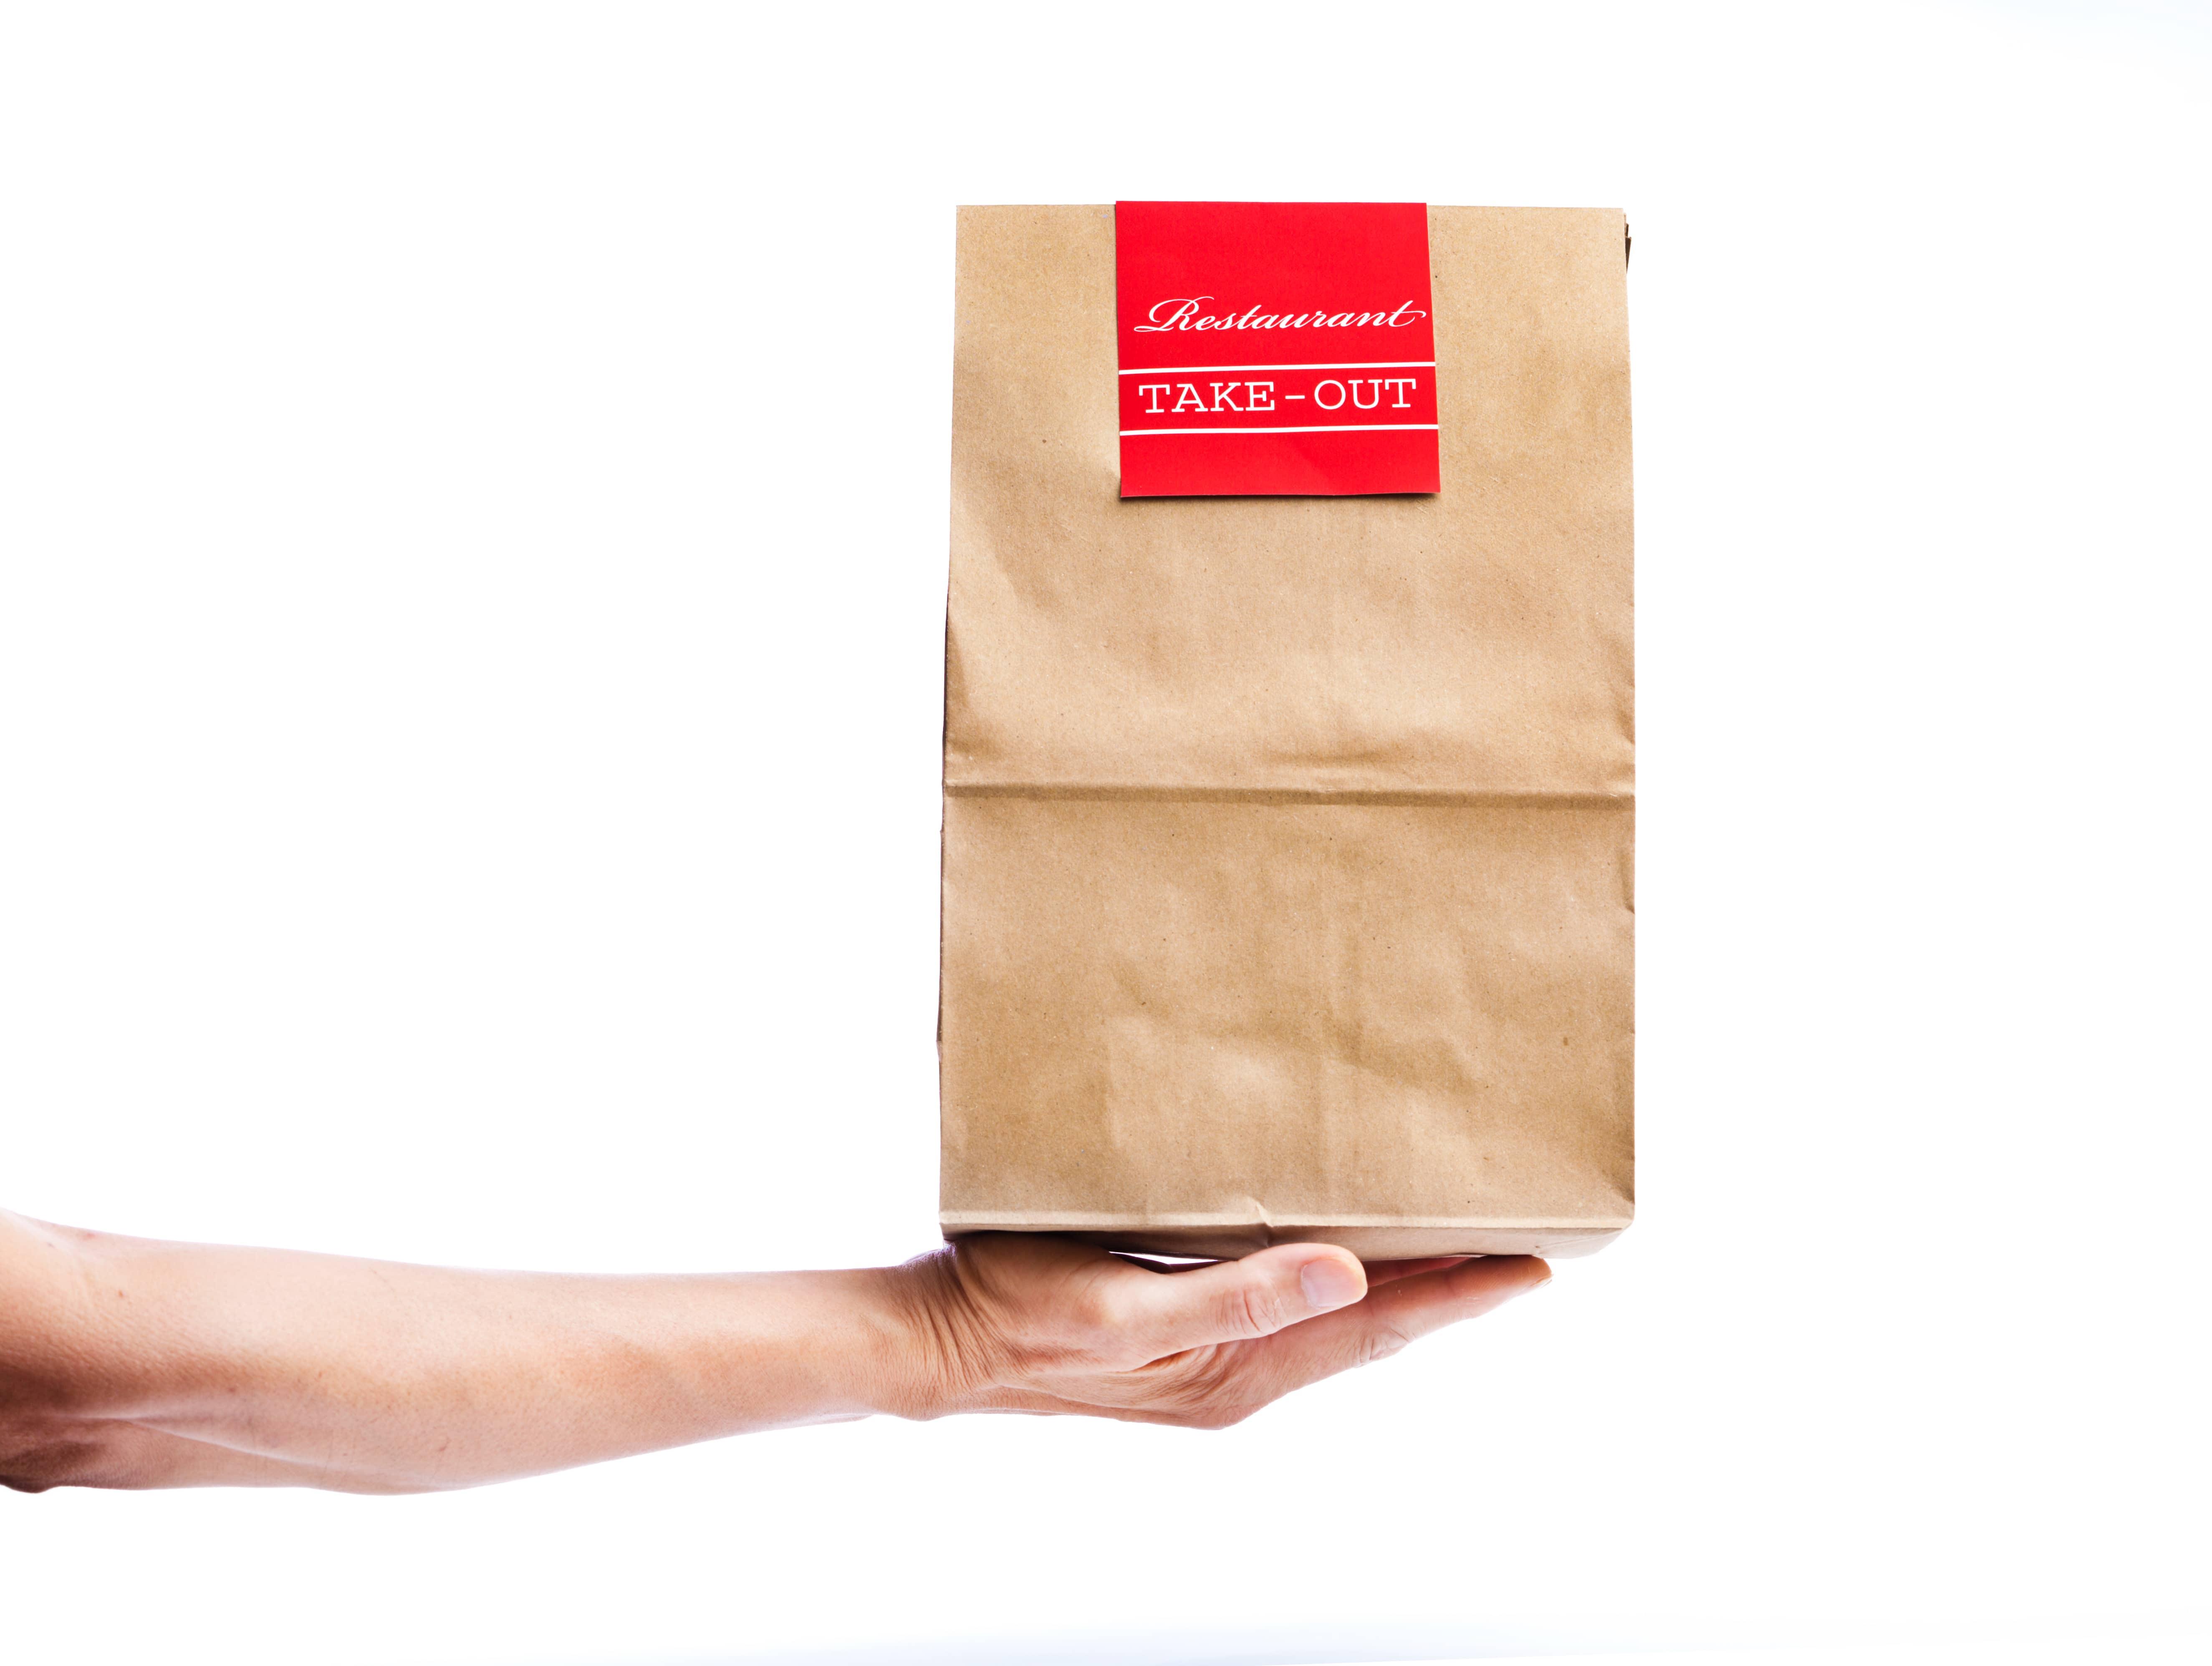 Lutte contre le gaspillage alimentaire : les Français adopteront-ils le doggy bag ?